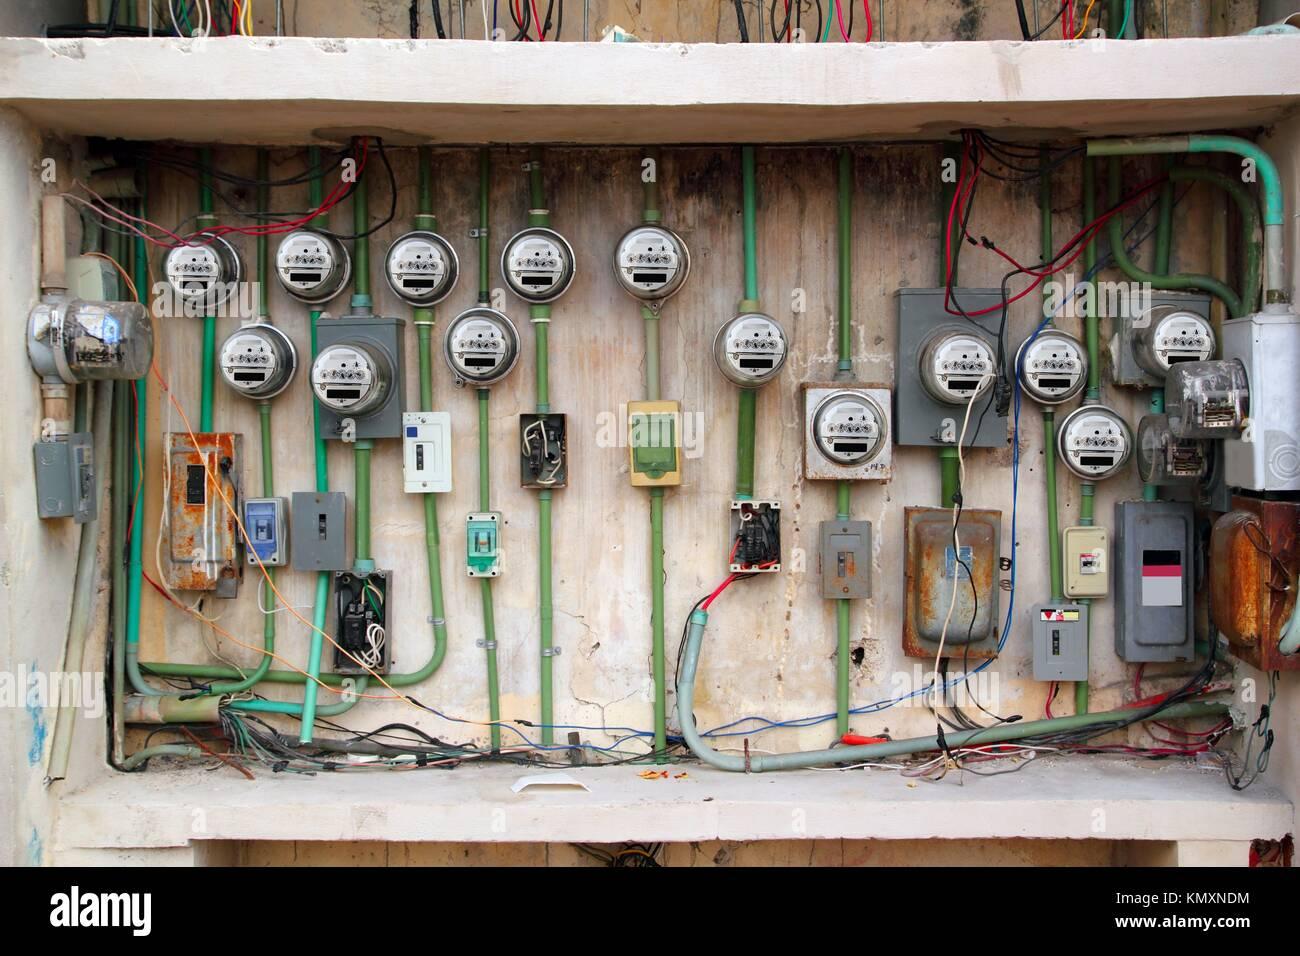 gefährliche Stromzähler chaotisch fehlerhafte elektrische ...